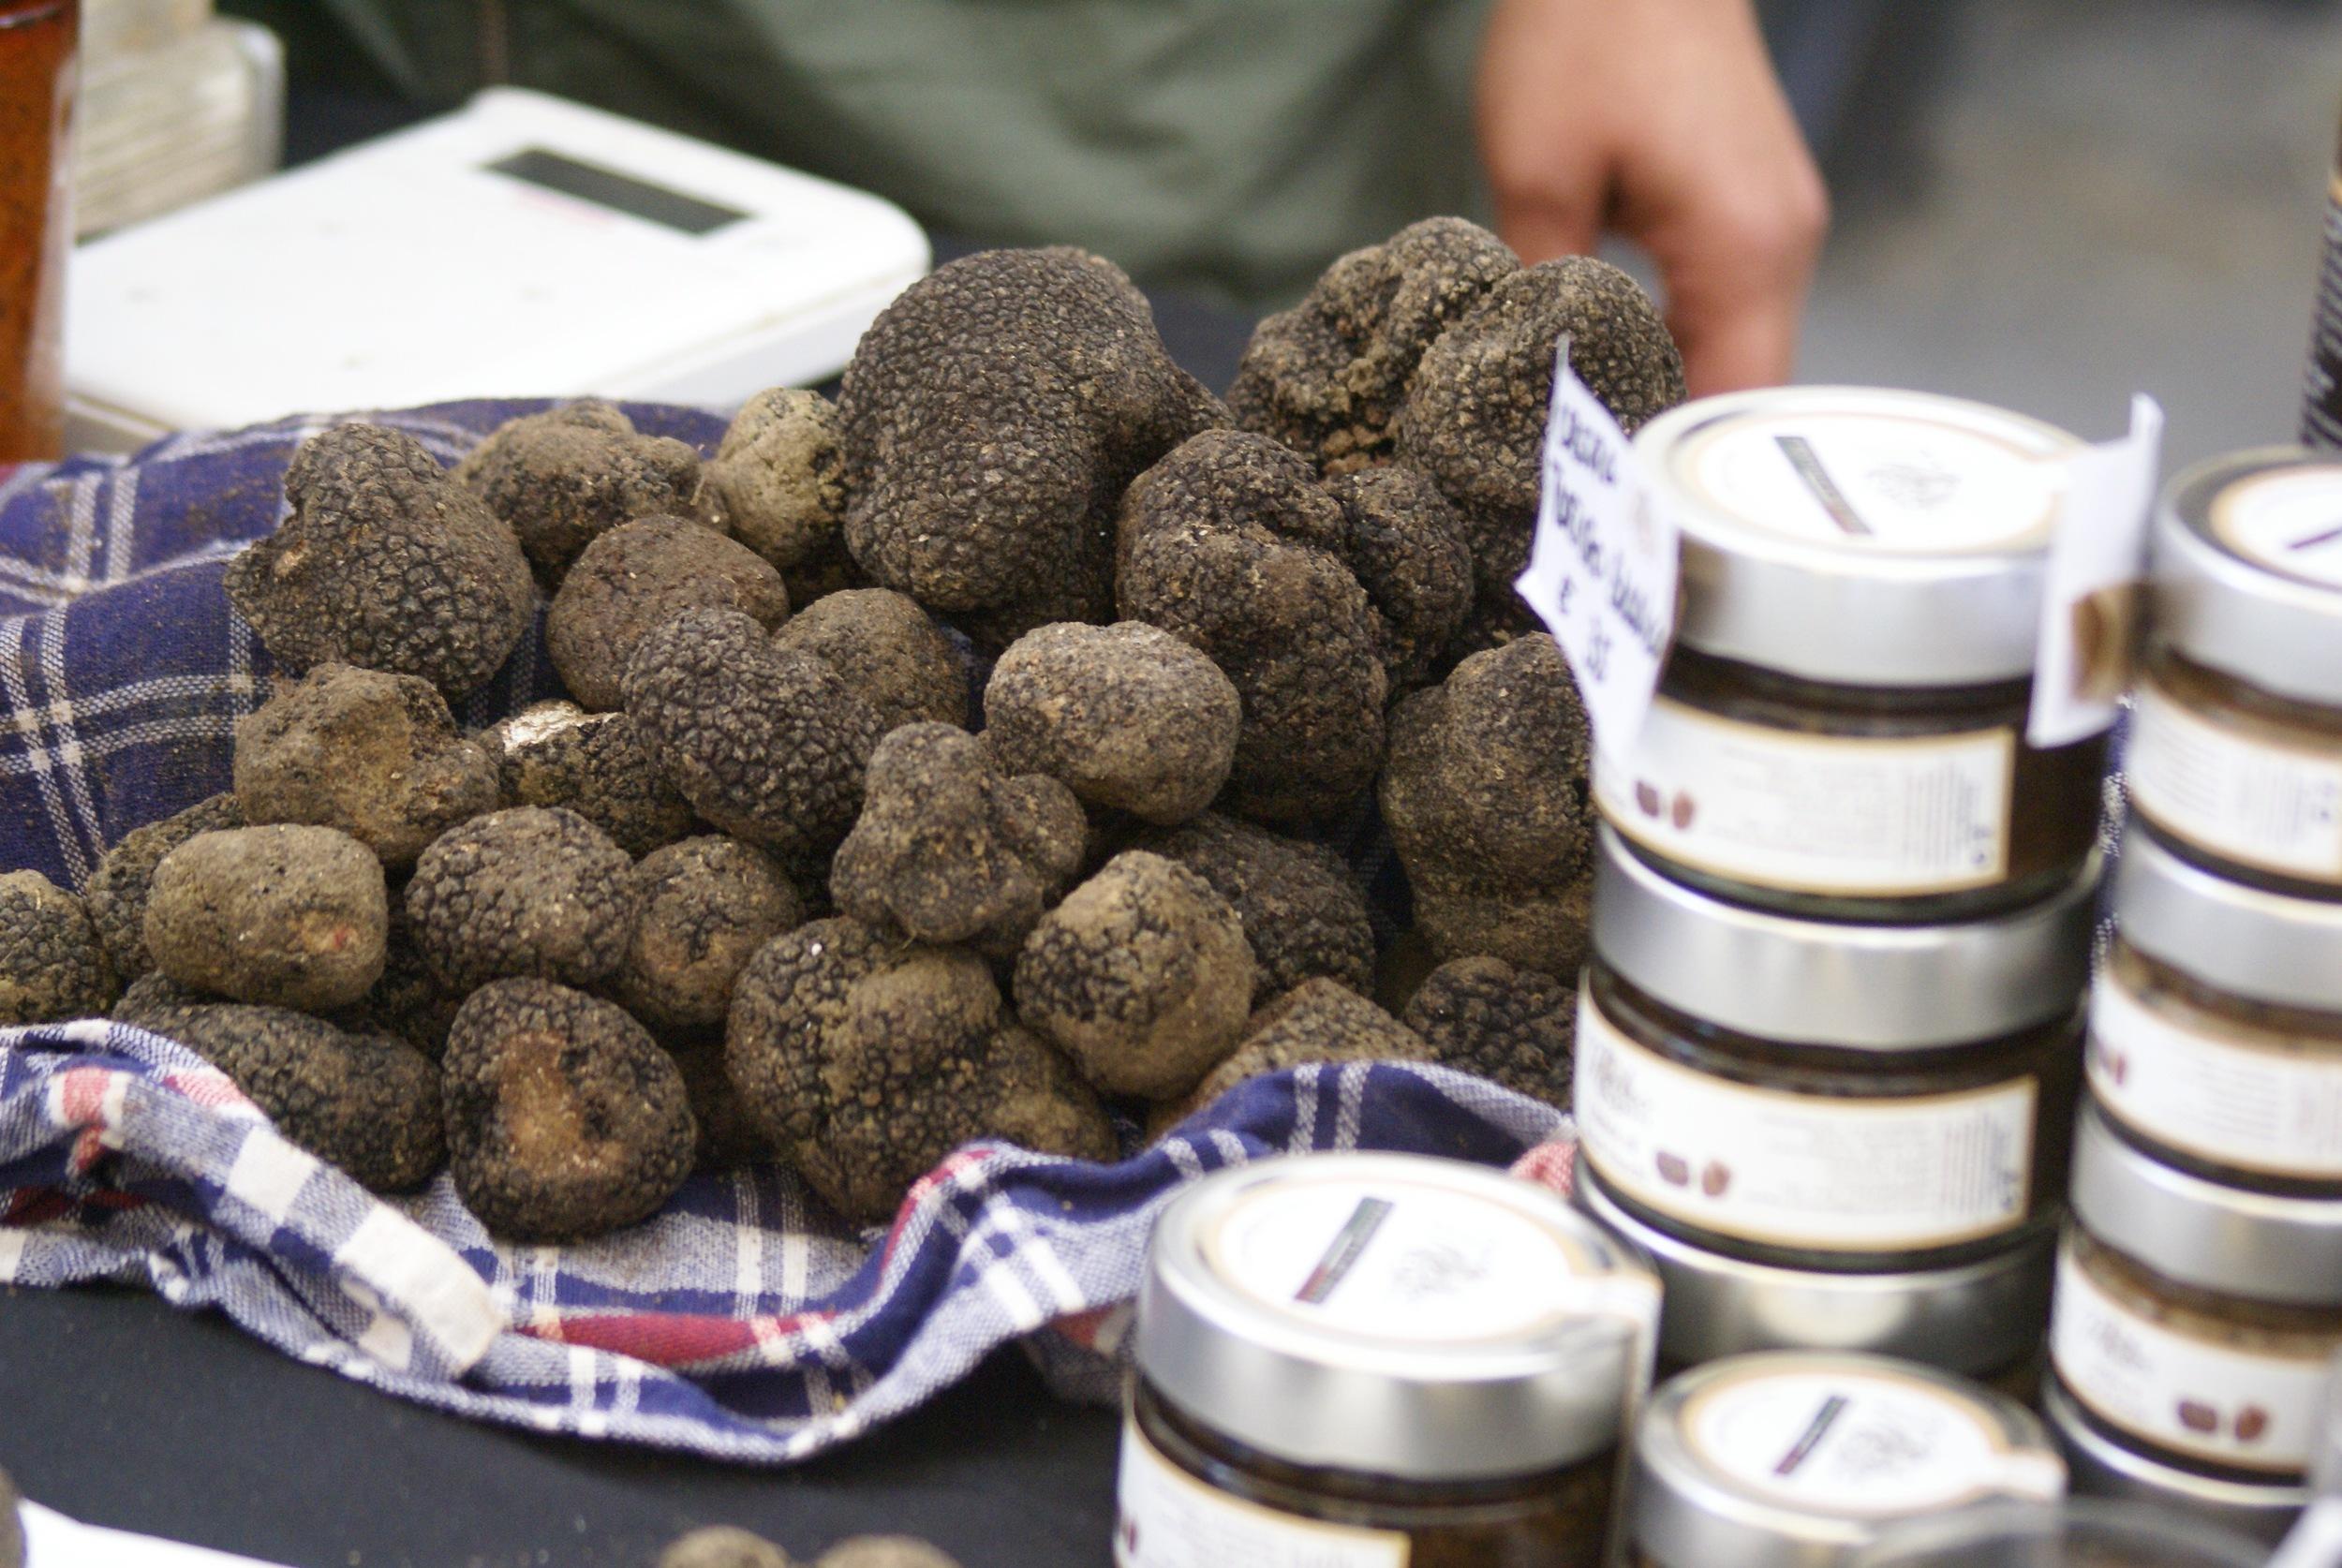 Shopping for truffles